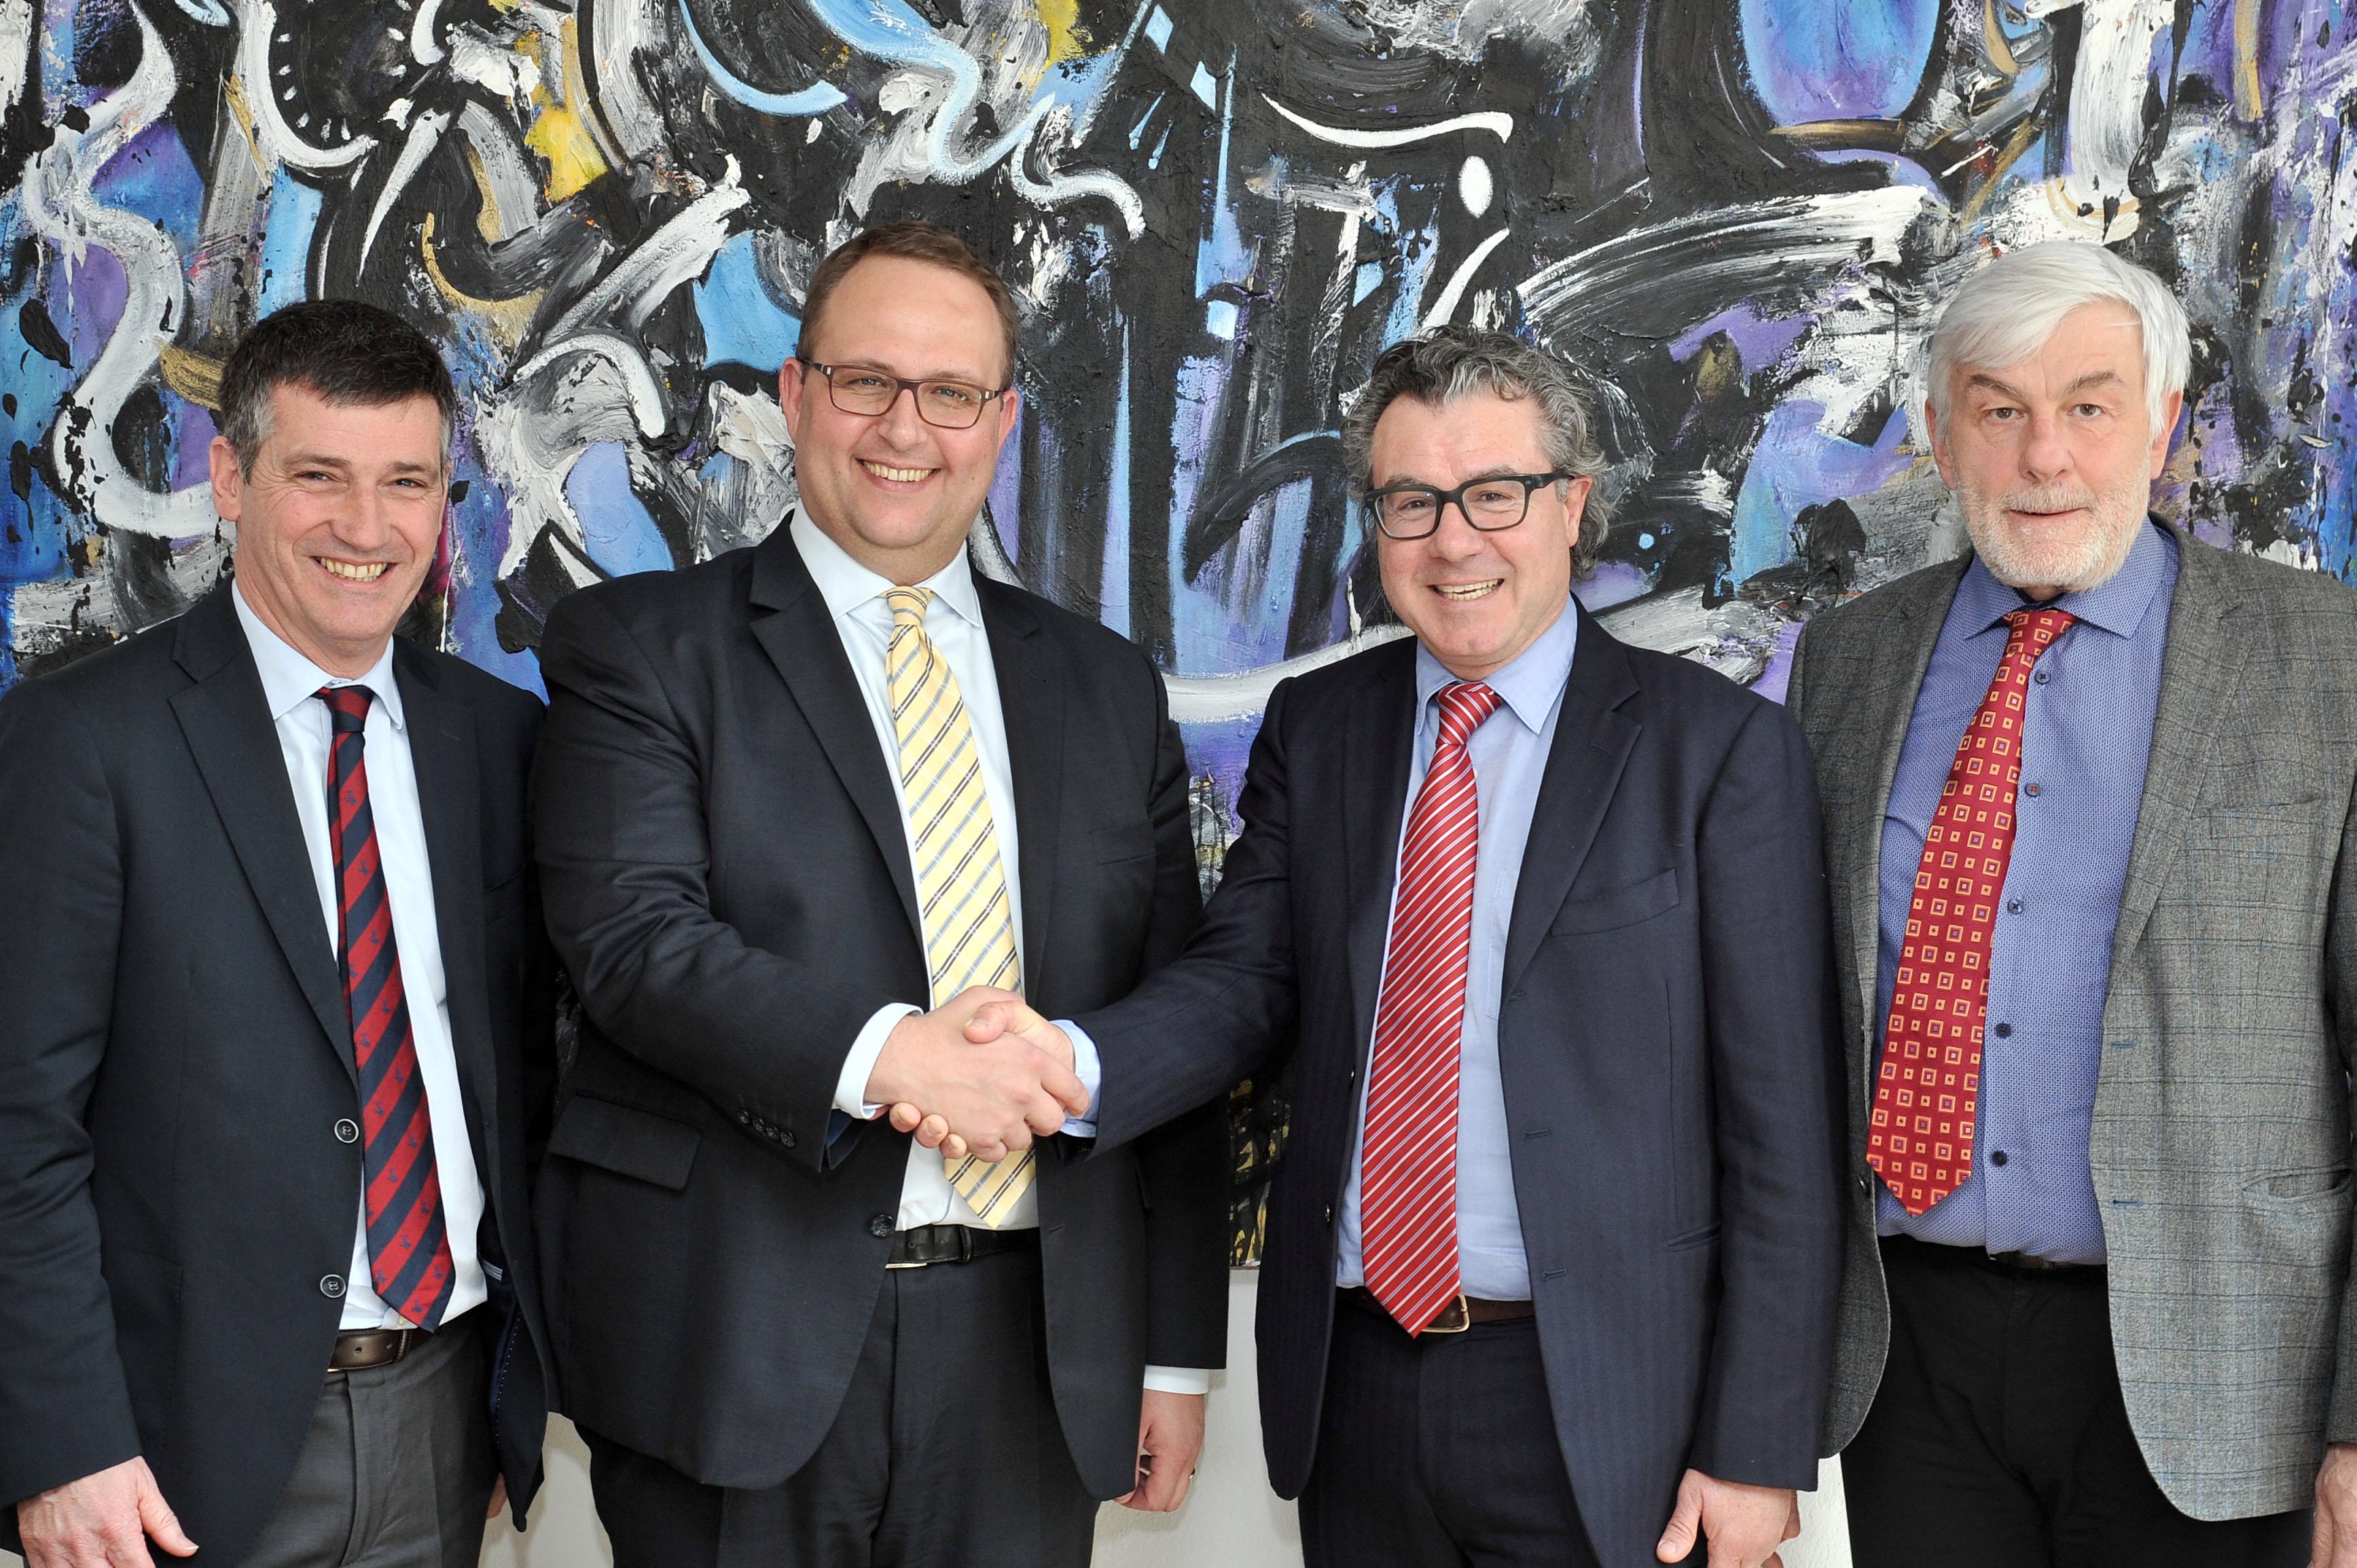 Firmata una convenzione tra il Dipartimento delle istituzioni e il Touring Club Svizzero